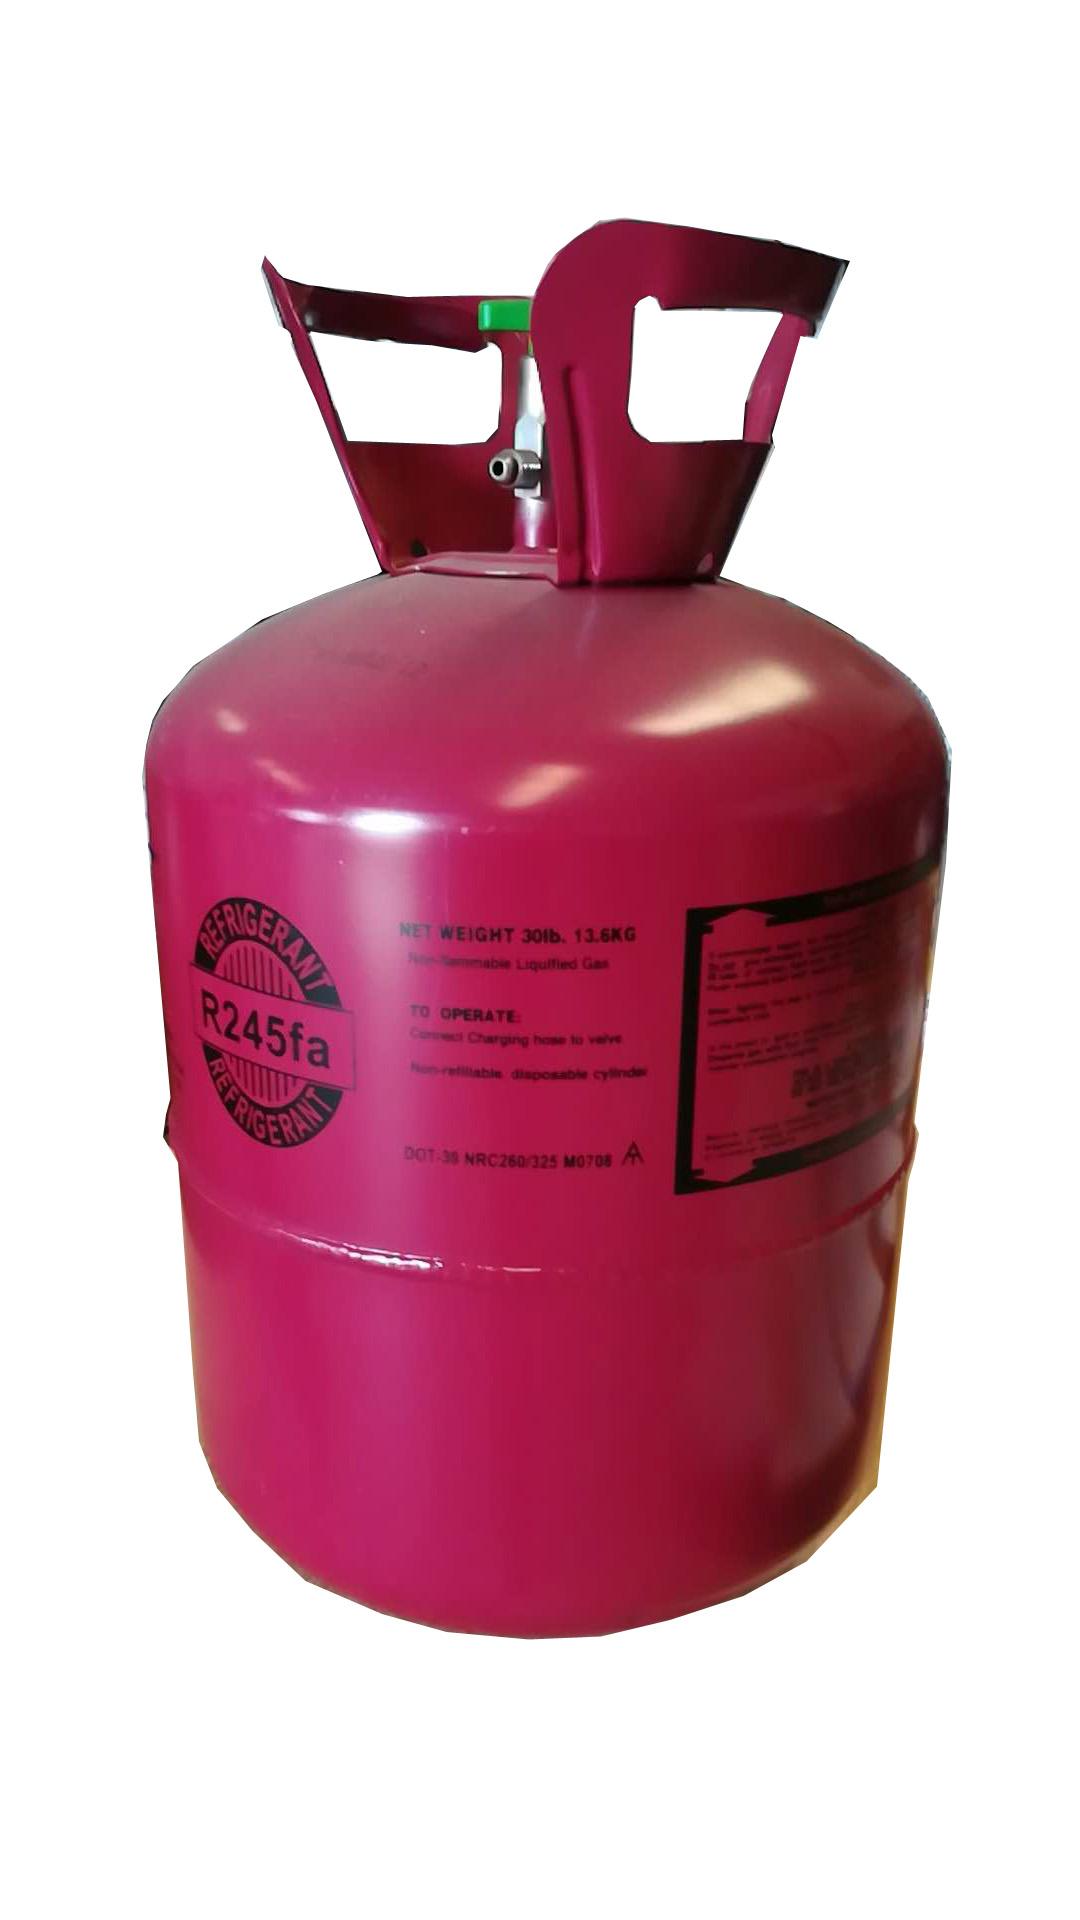 R245fa 13.6kg cylinder